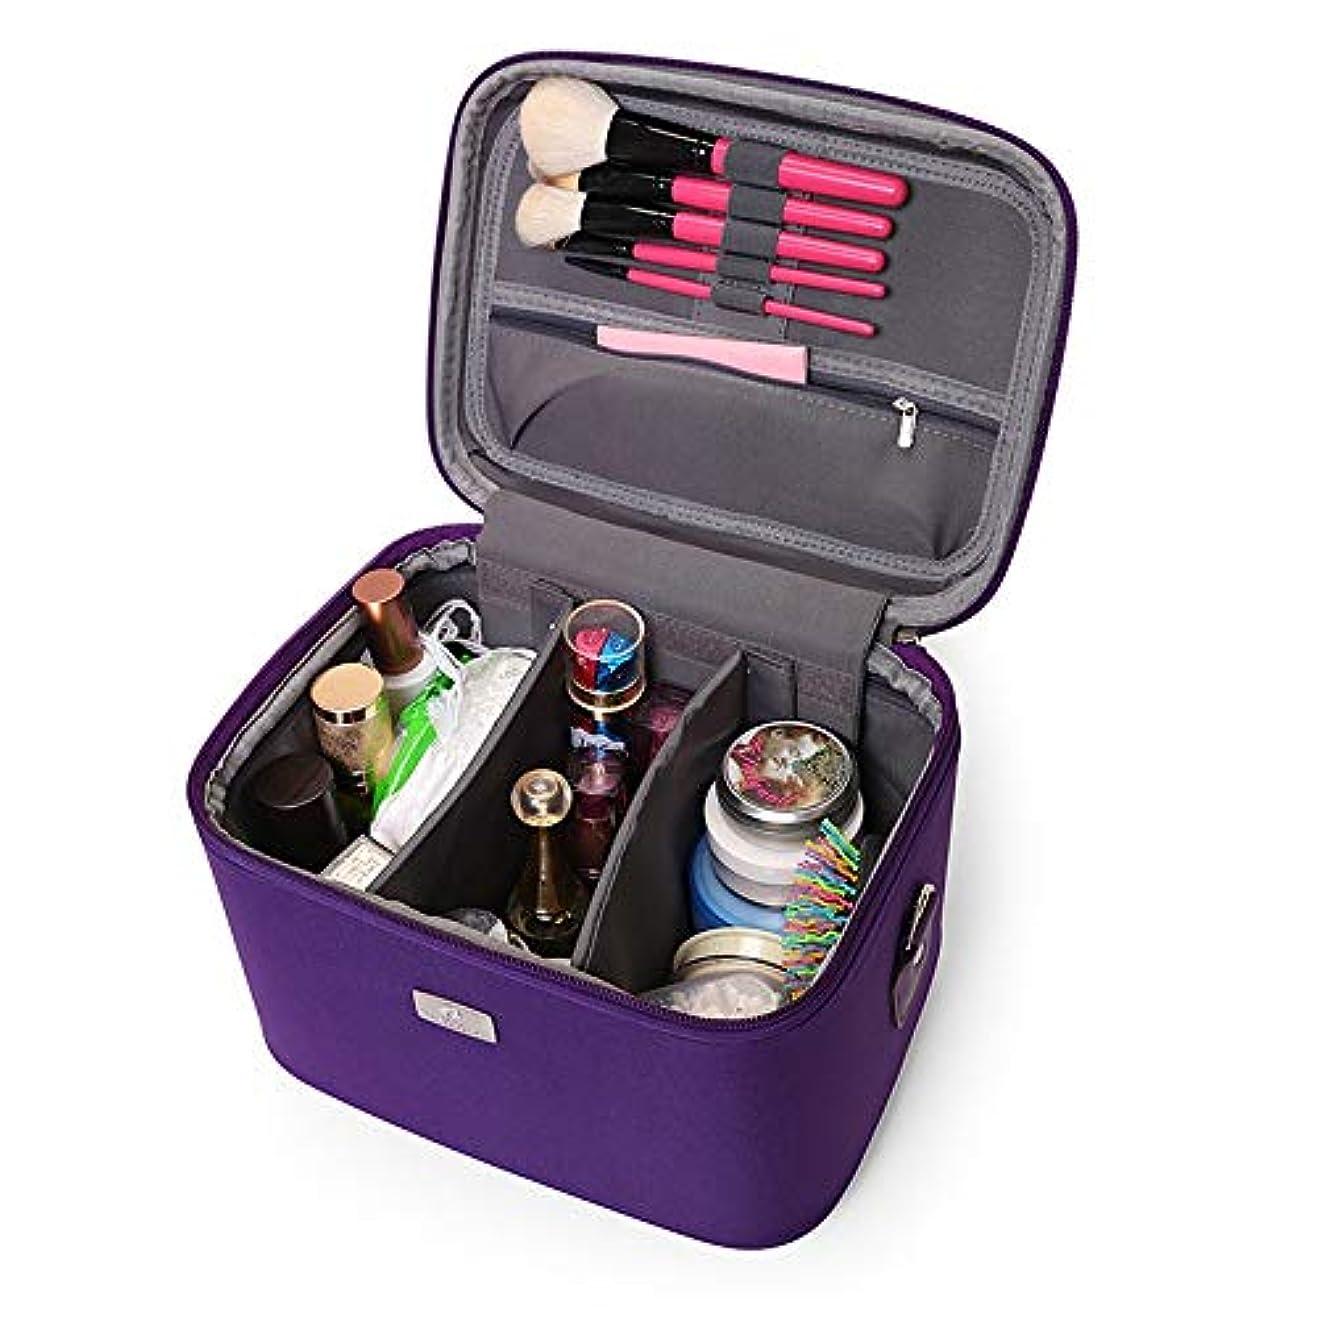 れる選択する不実化粧オーガナイザーバッグ 14インチのメイクアップトラベルバッグPUレター防水化粧ケースのティーン女の子の女性アーティスト 化粧品ケース (色 : 紫の)